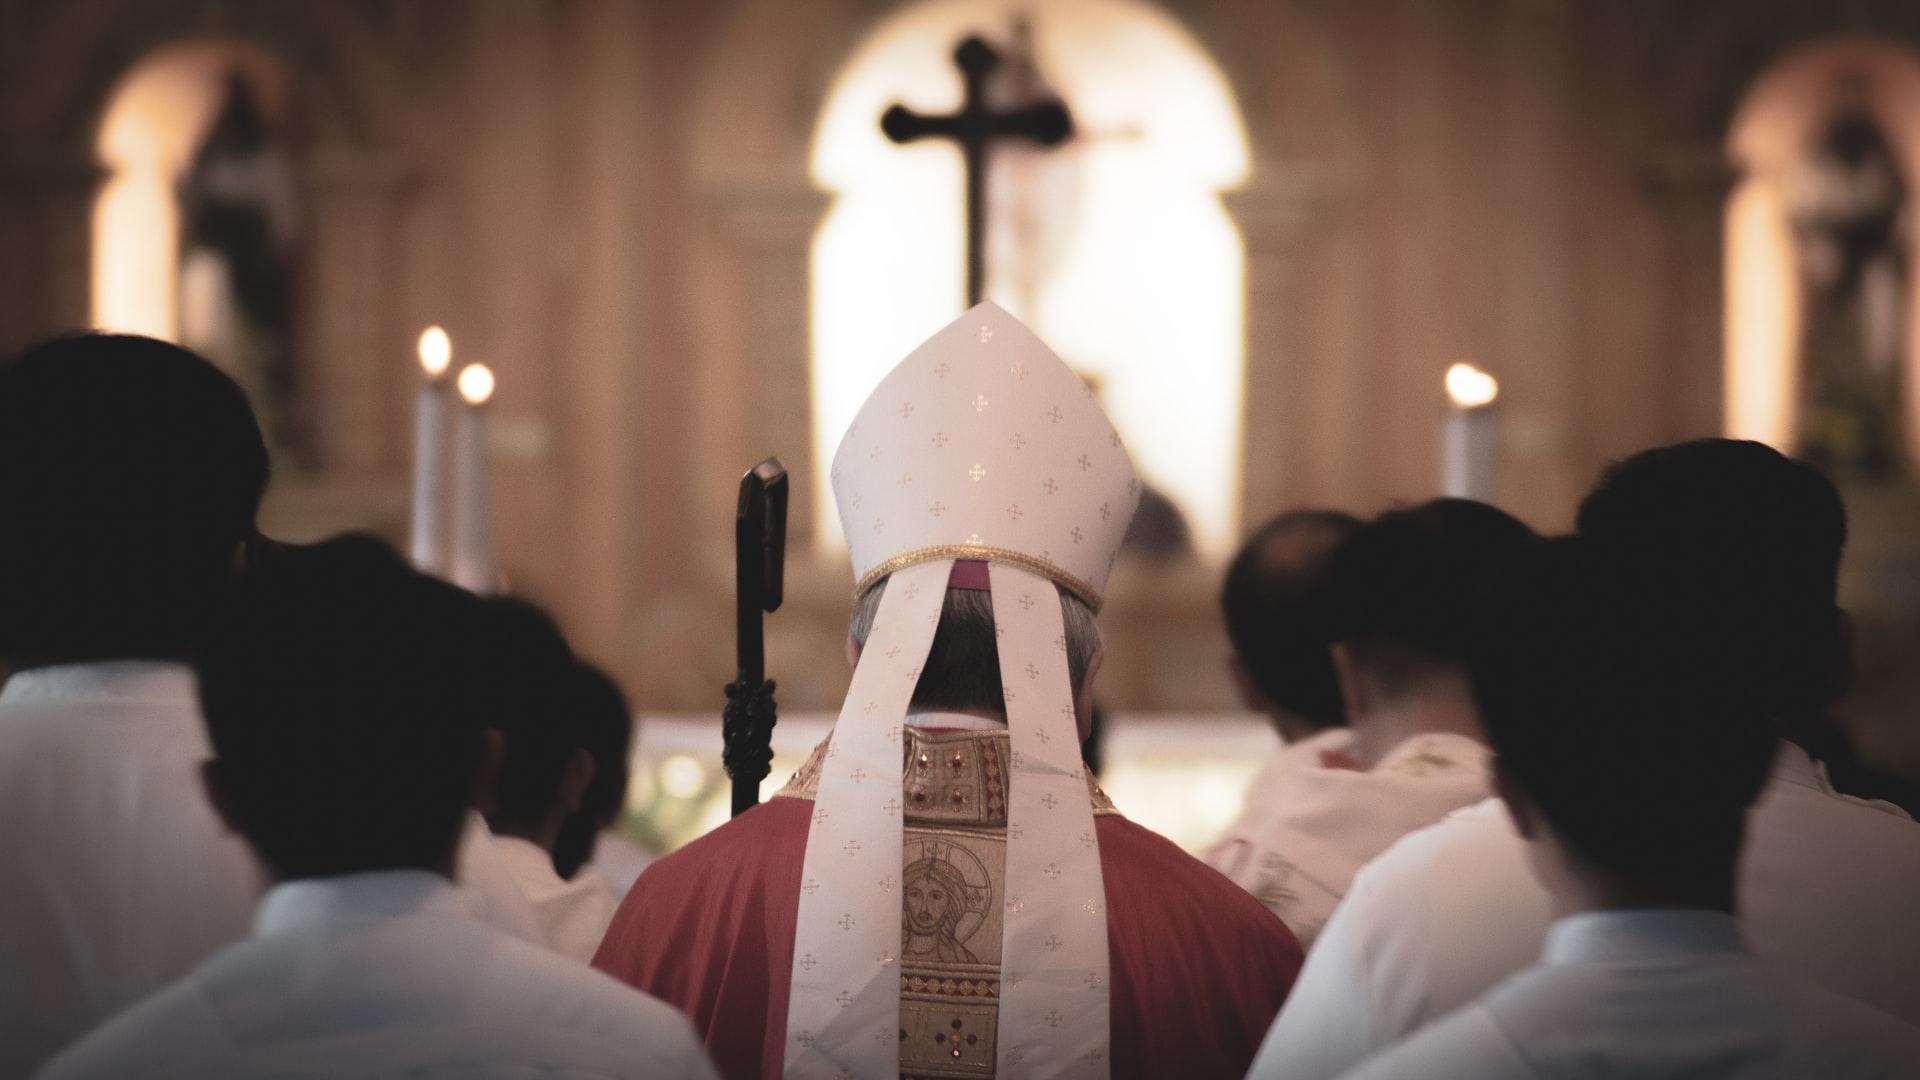 Nekoliko biskupija odgodilo prve pričesti i krizme: Razumijemo poteškoće